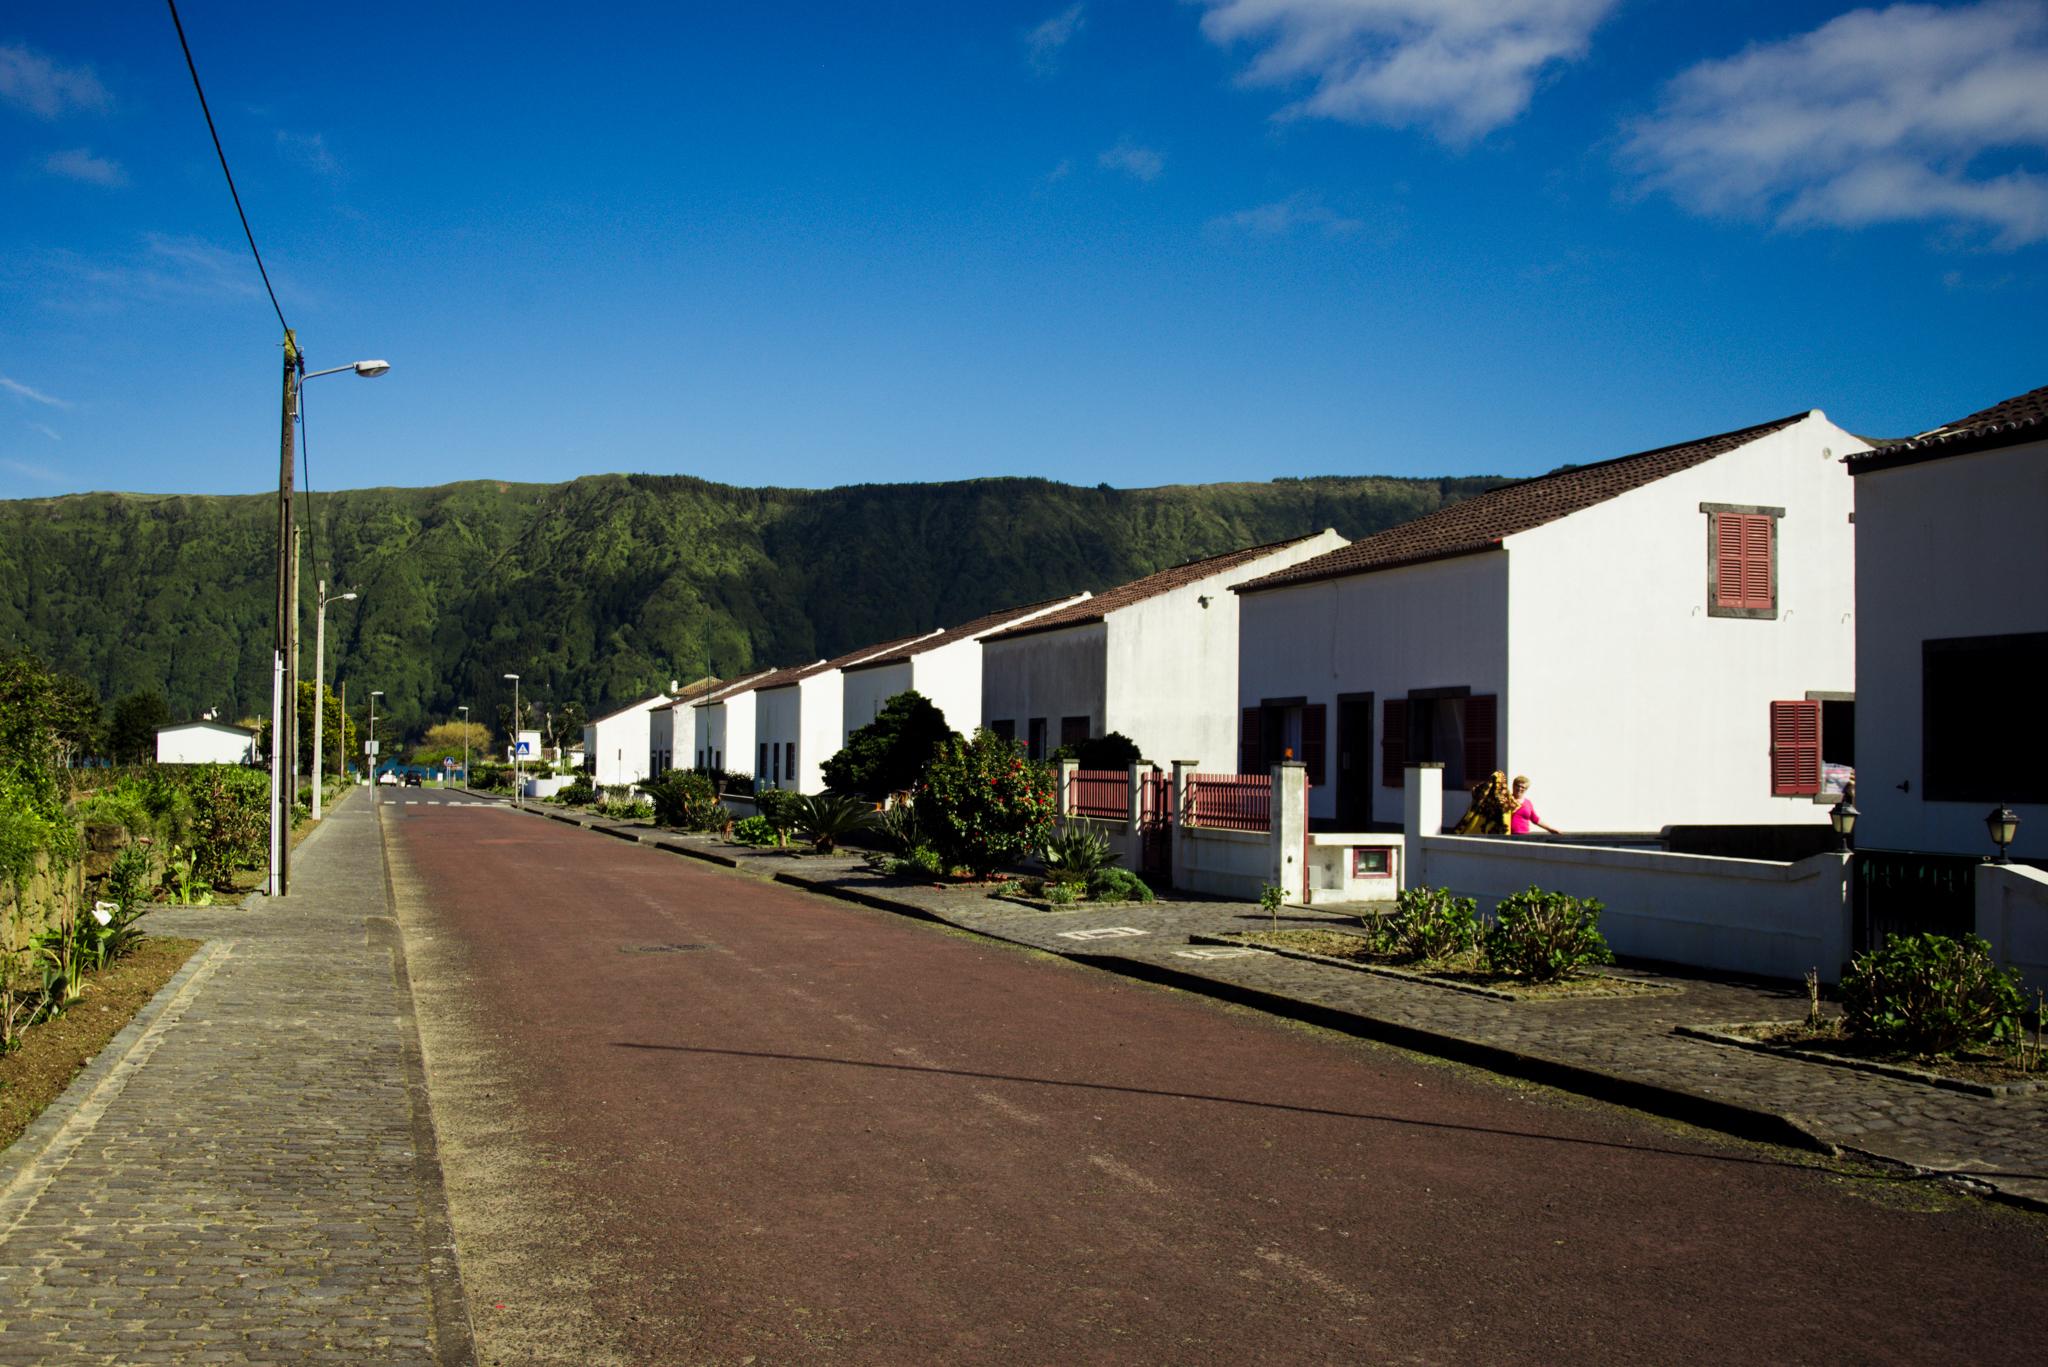 Sete Cidades házai. Fotó: Dobó Diána